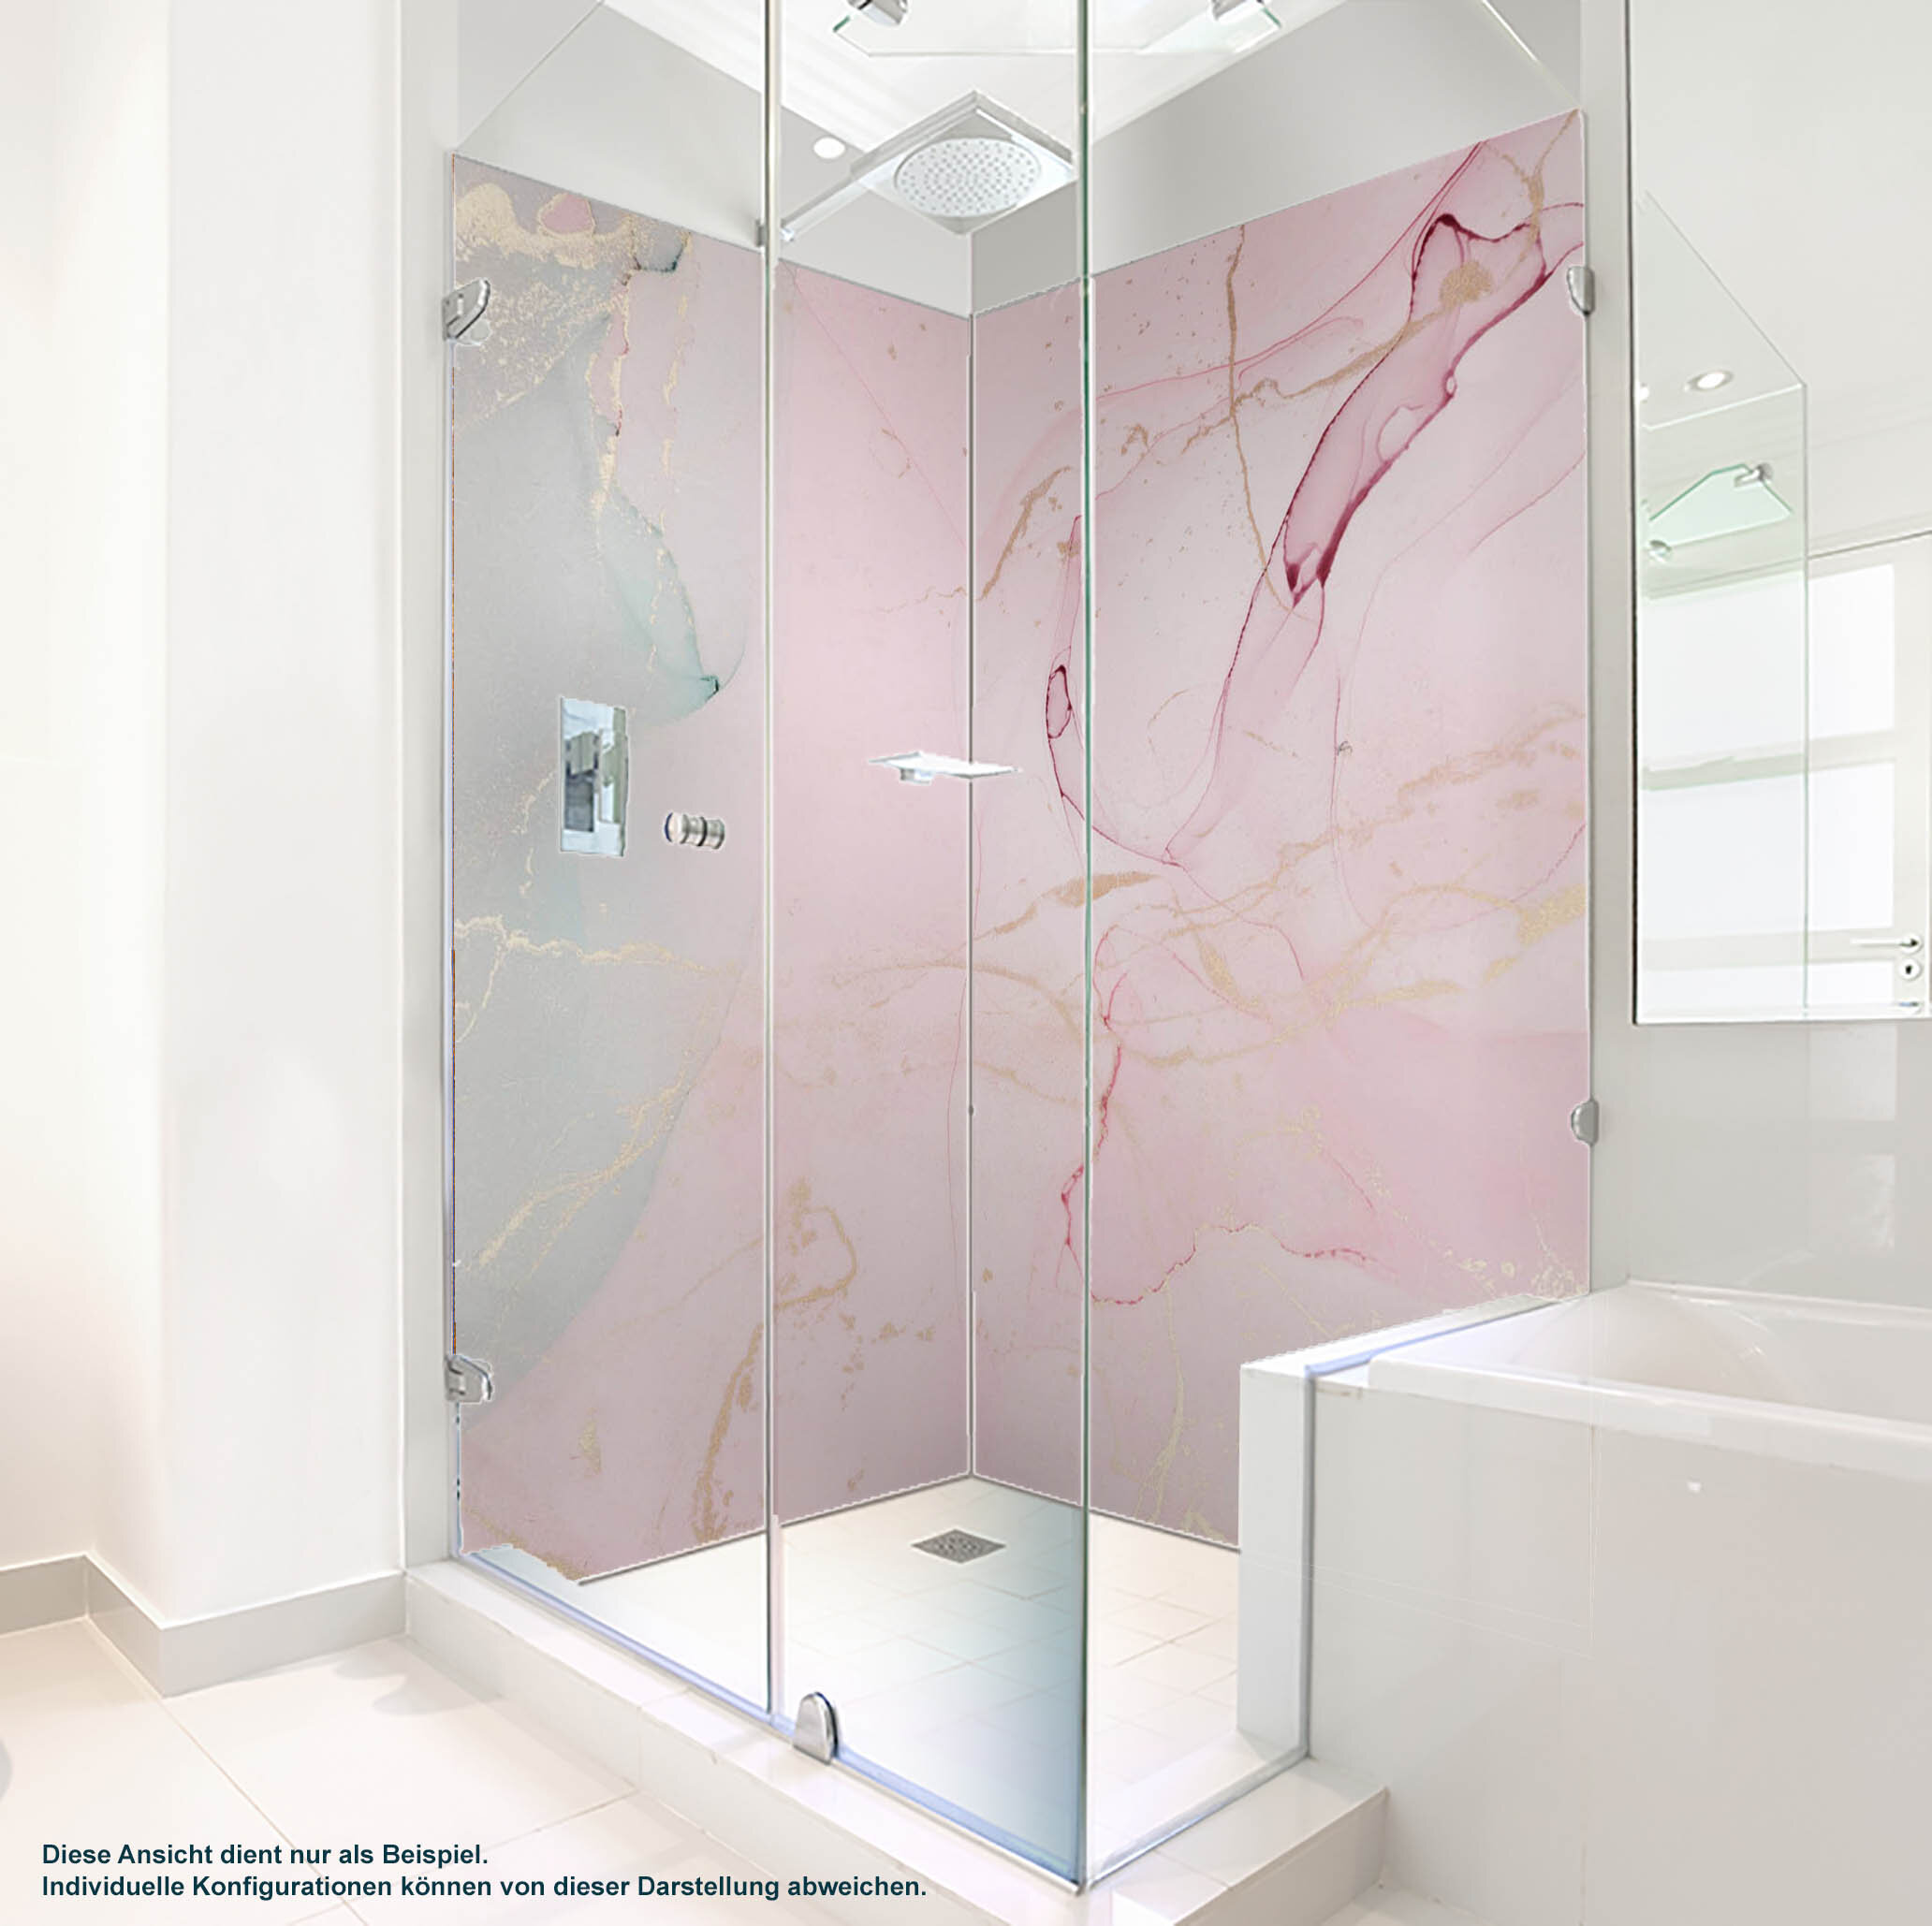 Dusche PlateART Duschrückwand mit Motiv Design Rosa